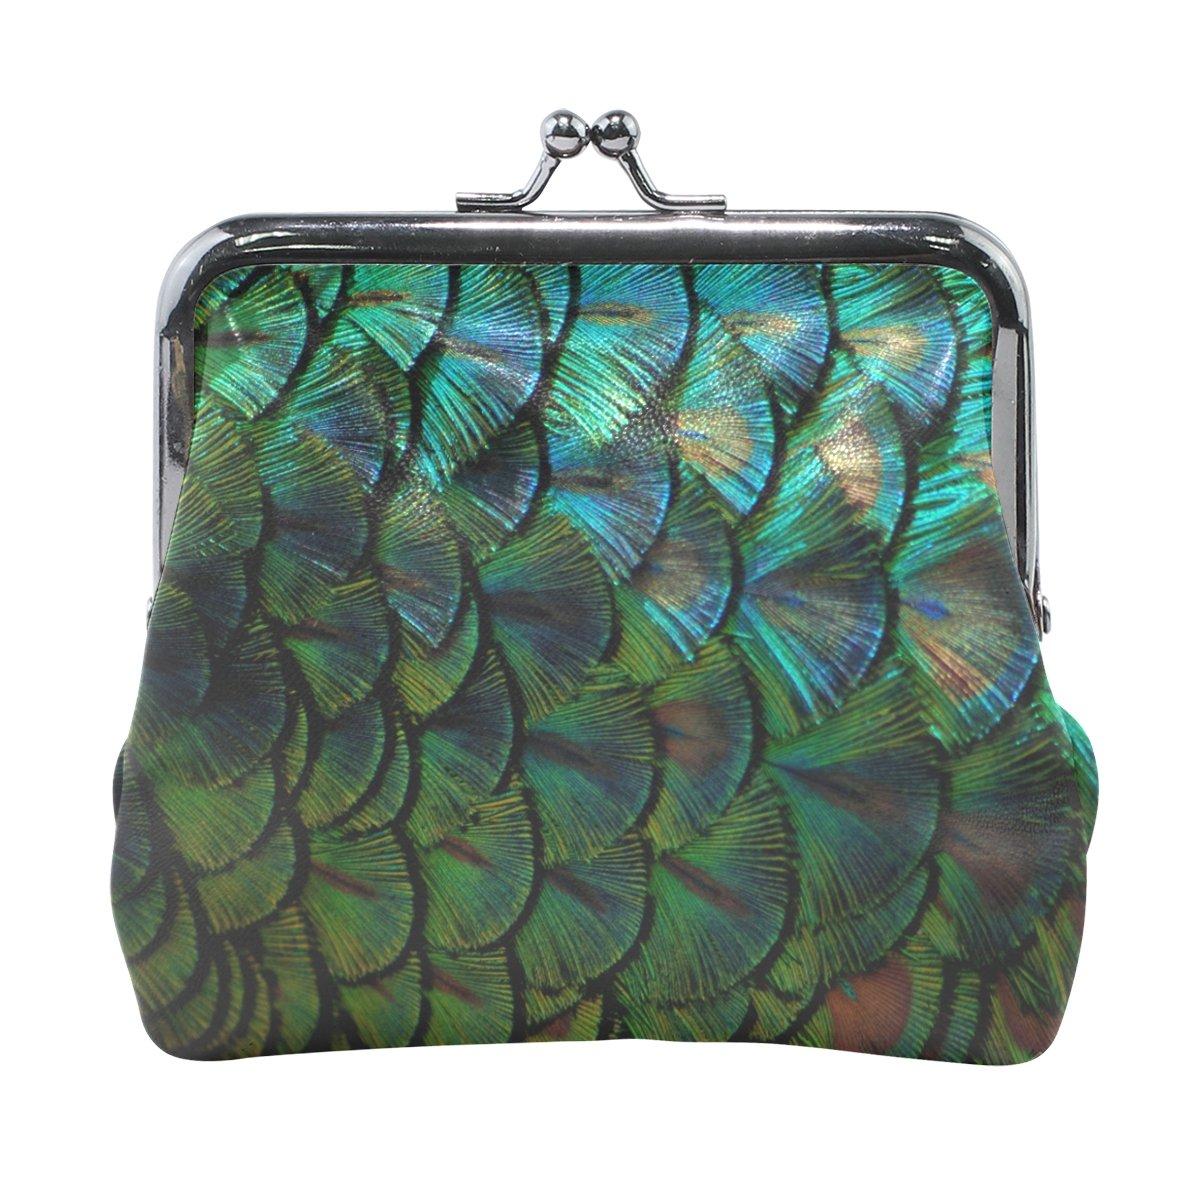 Holisaky レディース fashion US サイズ: One Size カラー: マルチカラー   B07DMQHVZM